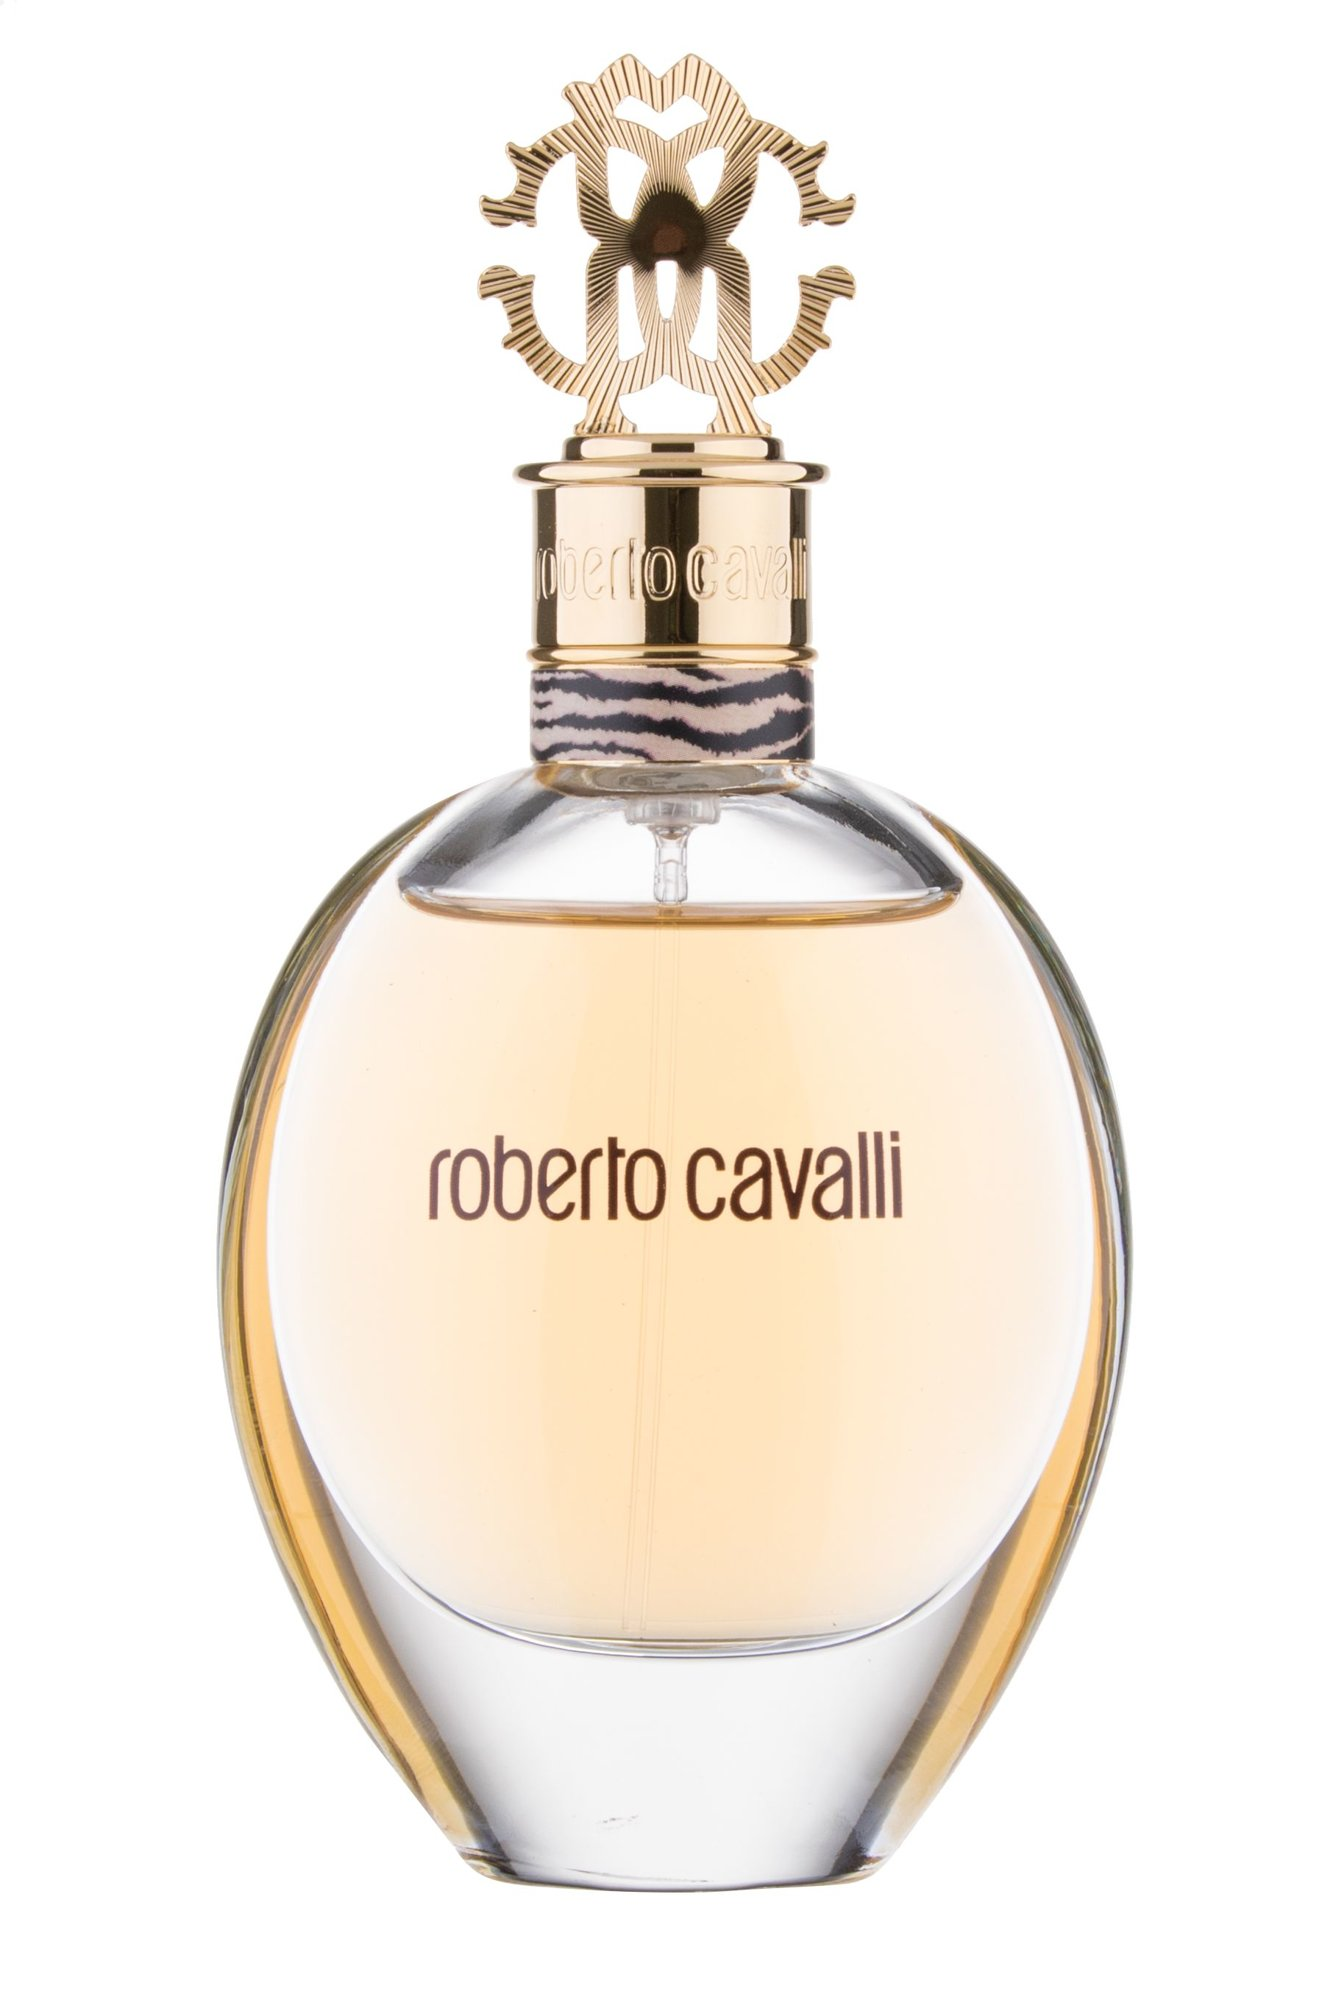 Roberto Cavalli Roberto Cavalli Pour Femme EDP 50ml